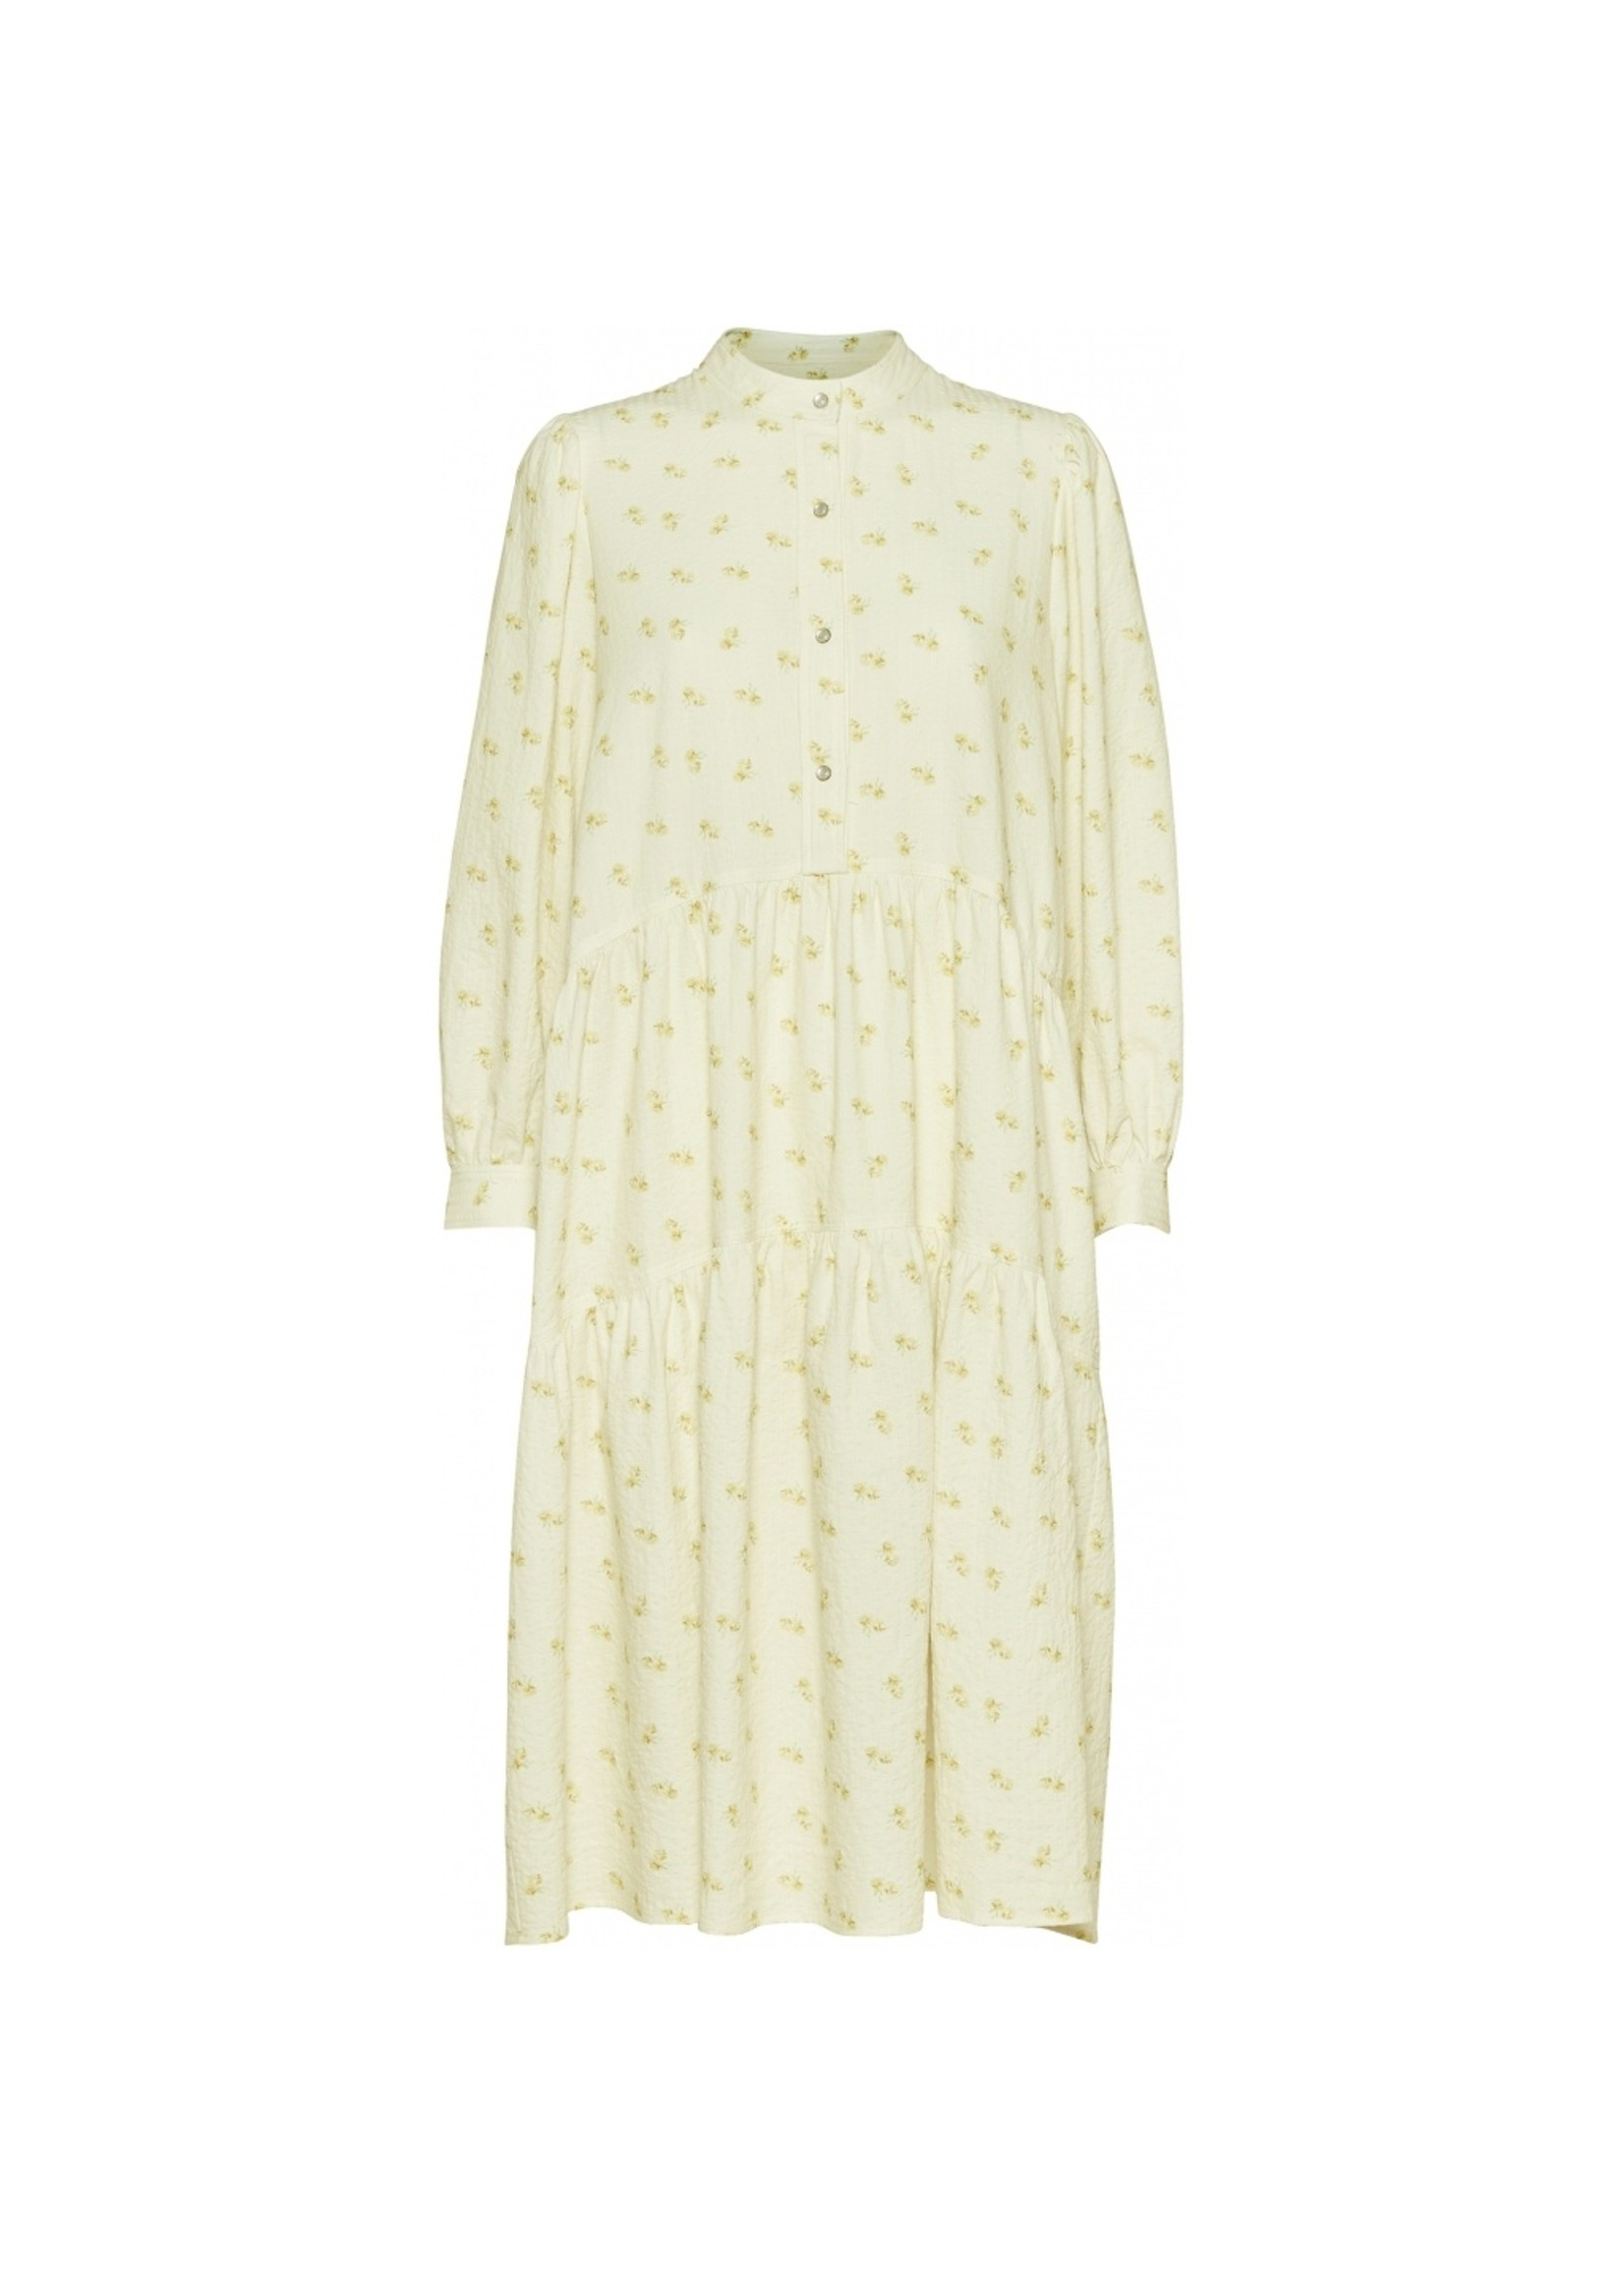 FLORAL DRESS LIGHT YELLOWD